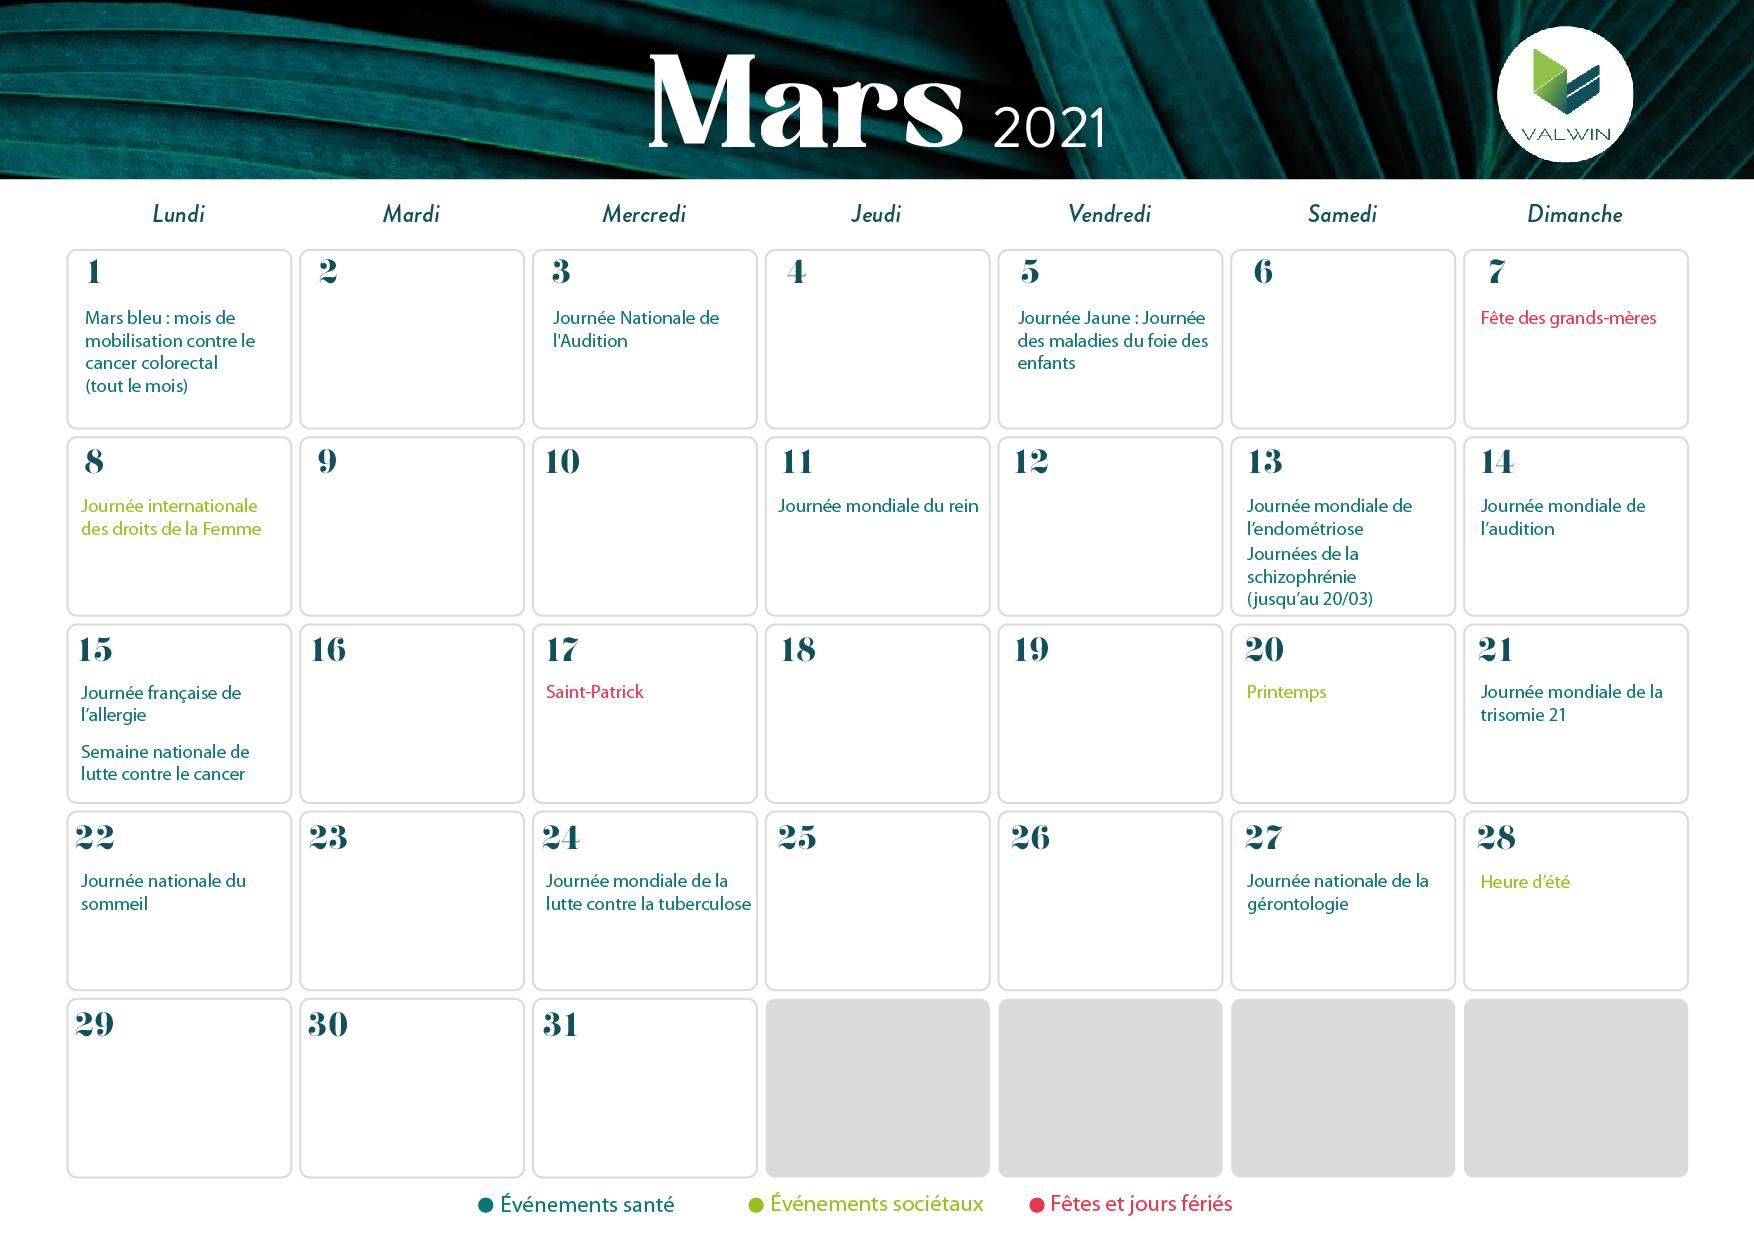 liste-toutes-les-journées-mondiales-de-Santé-mars-2021.jpg